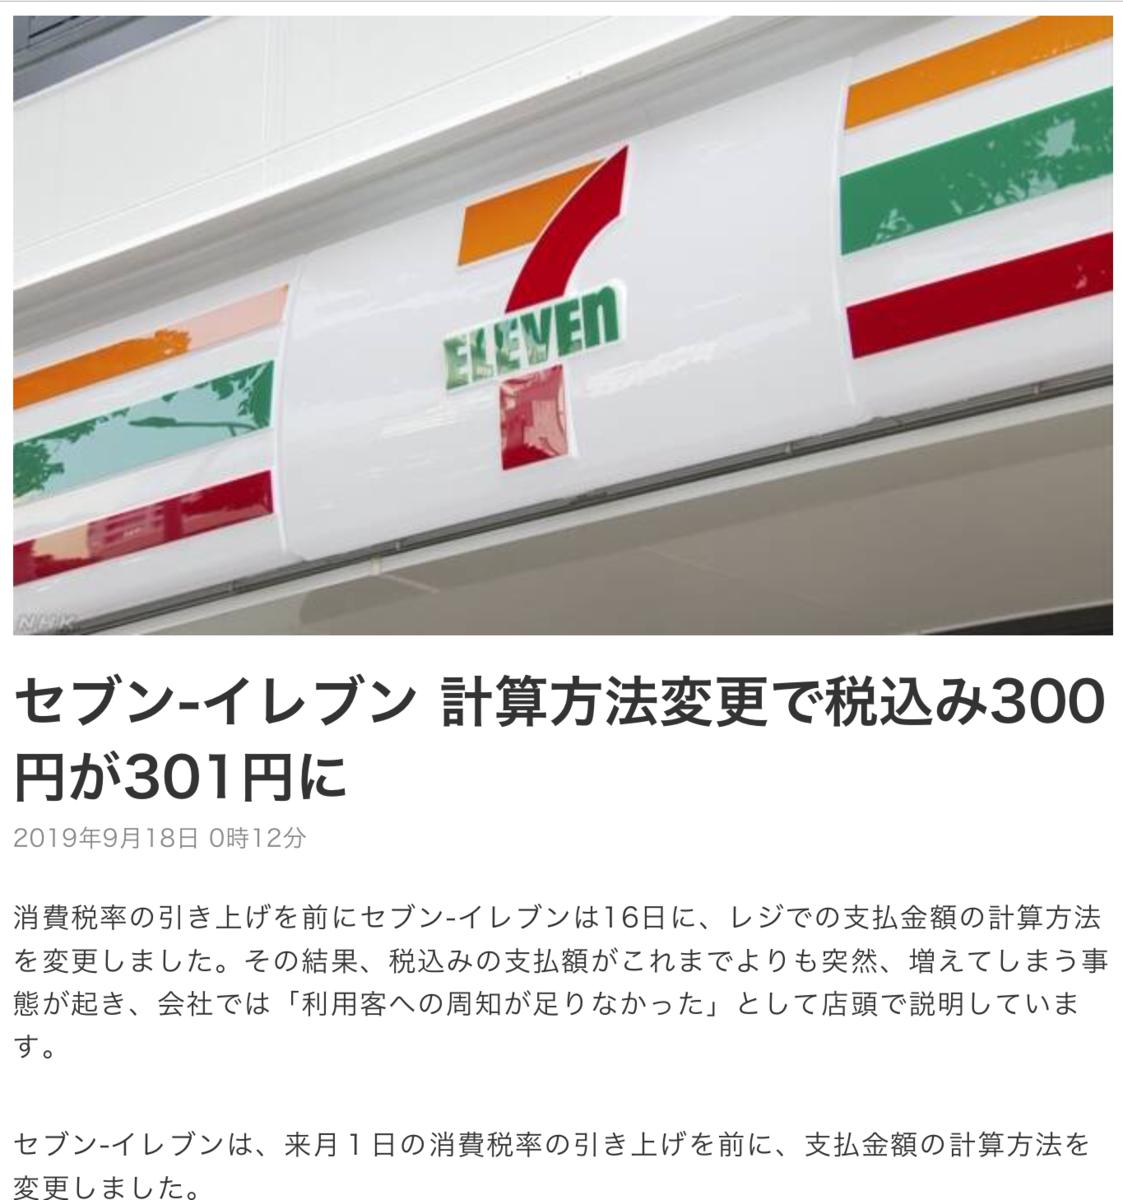 f:id:yusakum:20190929135741p:plain